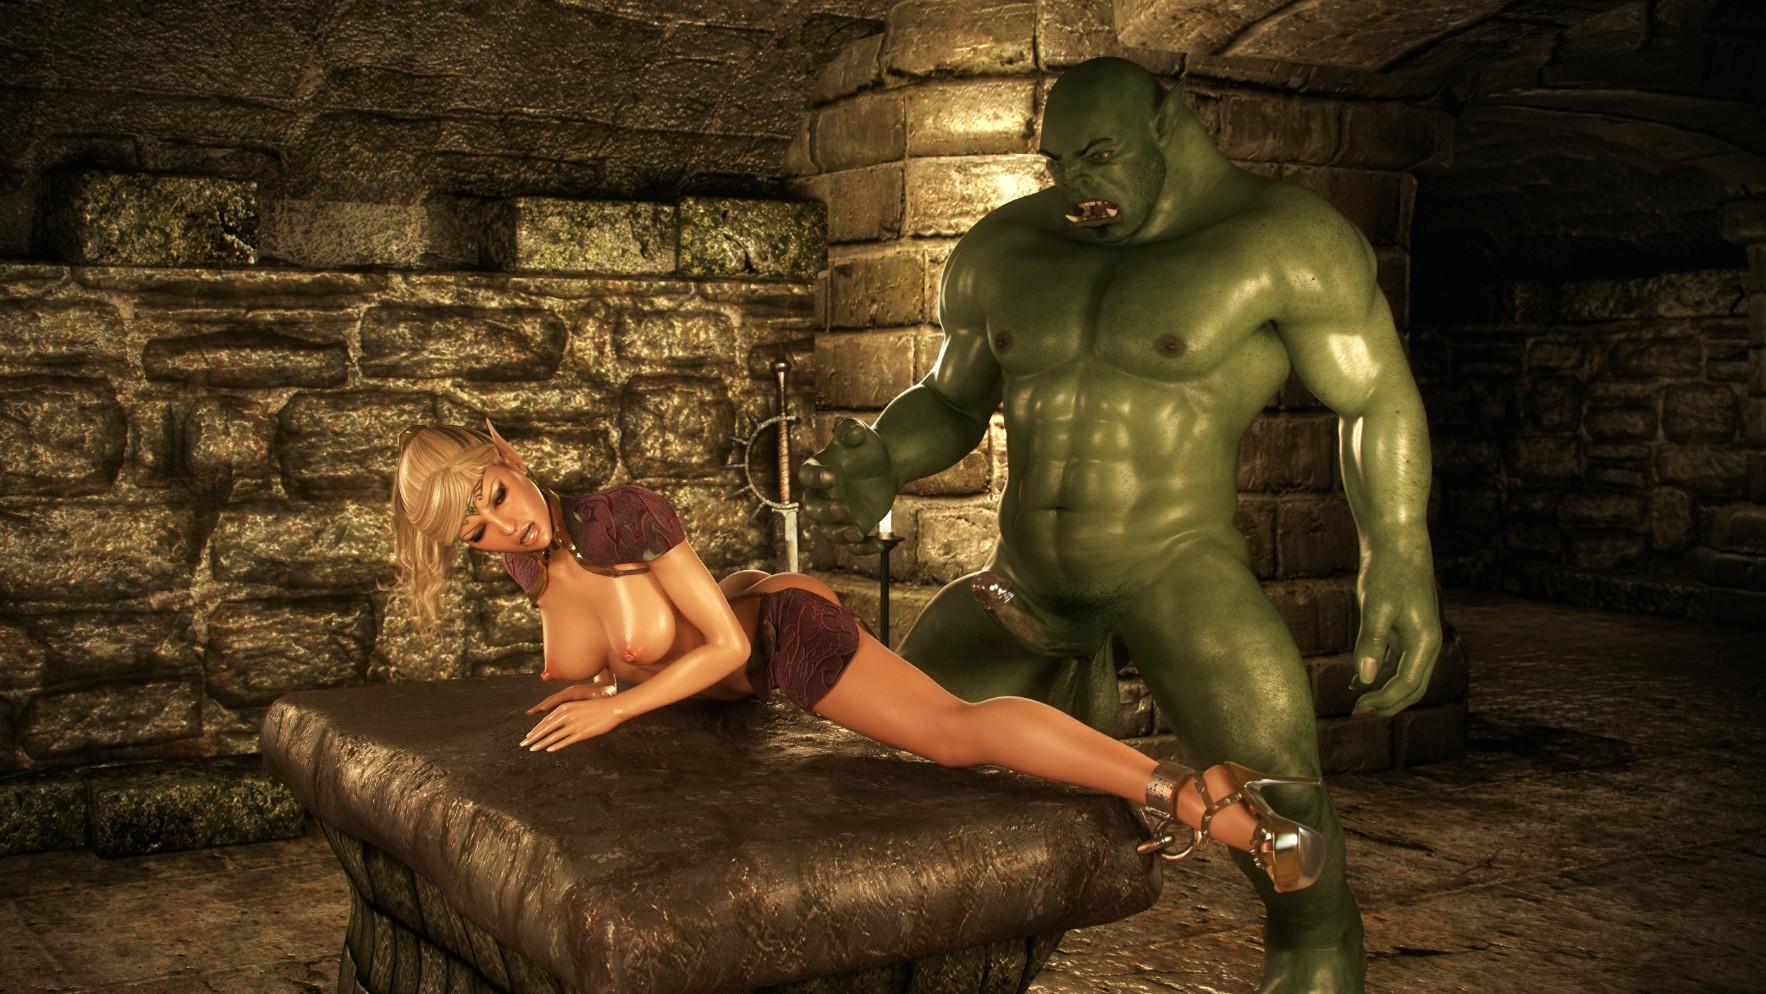 секс с играми с ельфийкой